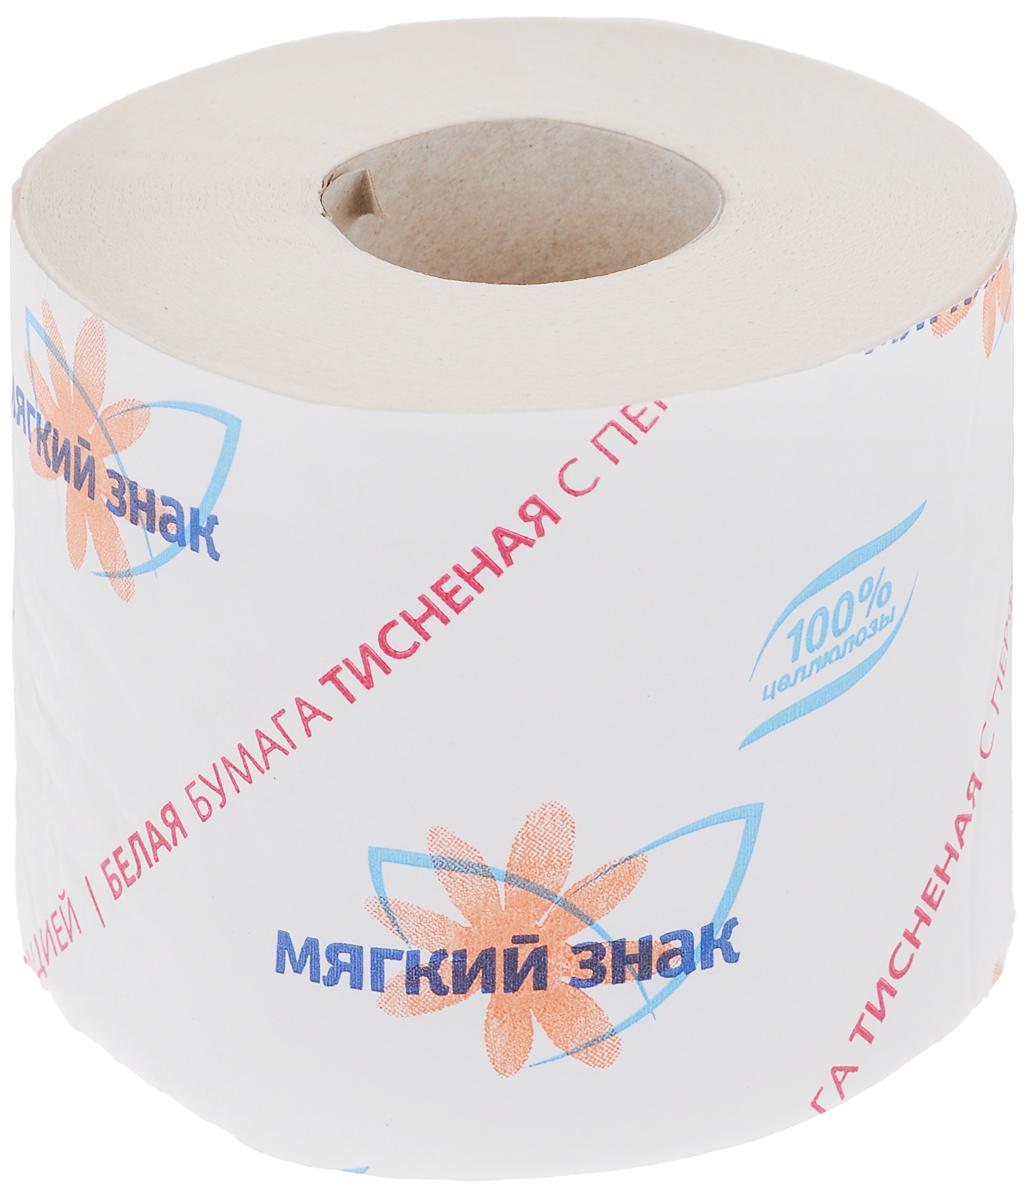 Бумага туалетная Мягкий знак, однослойная, цвет: белый, 52,5 м391602Туалетная бумага Мягкий знак изготовлена из целлюлозы белого цвета с тиснением. Однослойная туалетная бумага мягкая, нежная, но в тоже время прочная, с отрывом по линии перфорации. Состав: 100% целлюлоза. Количество слоев: 1.Размер листа: 12,5 см х 9 см.Длина рулона: 52,5 ± 2,6 м.